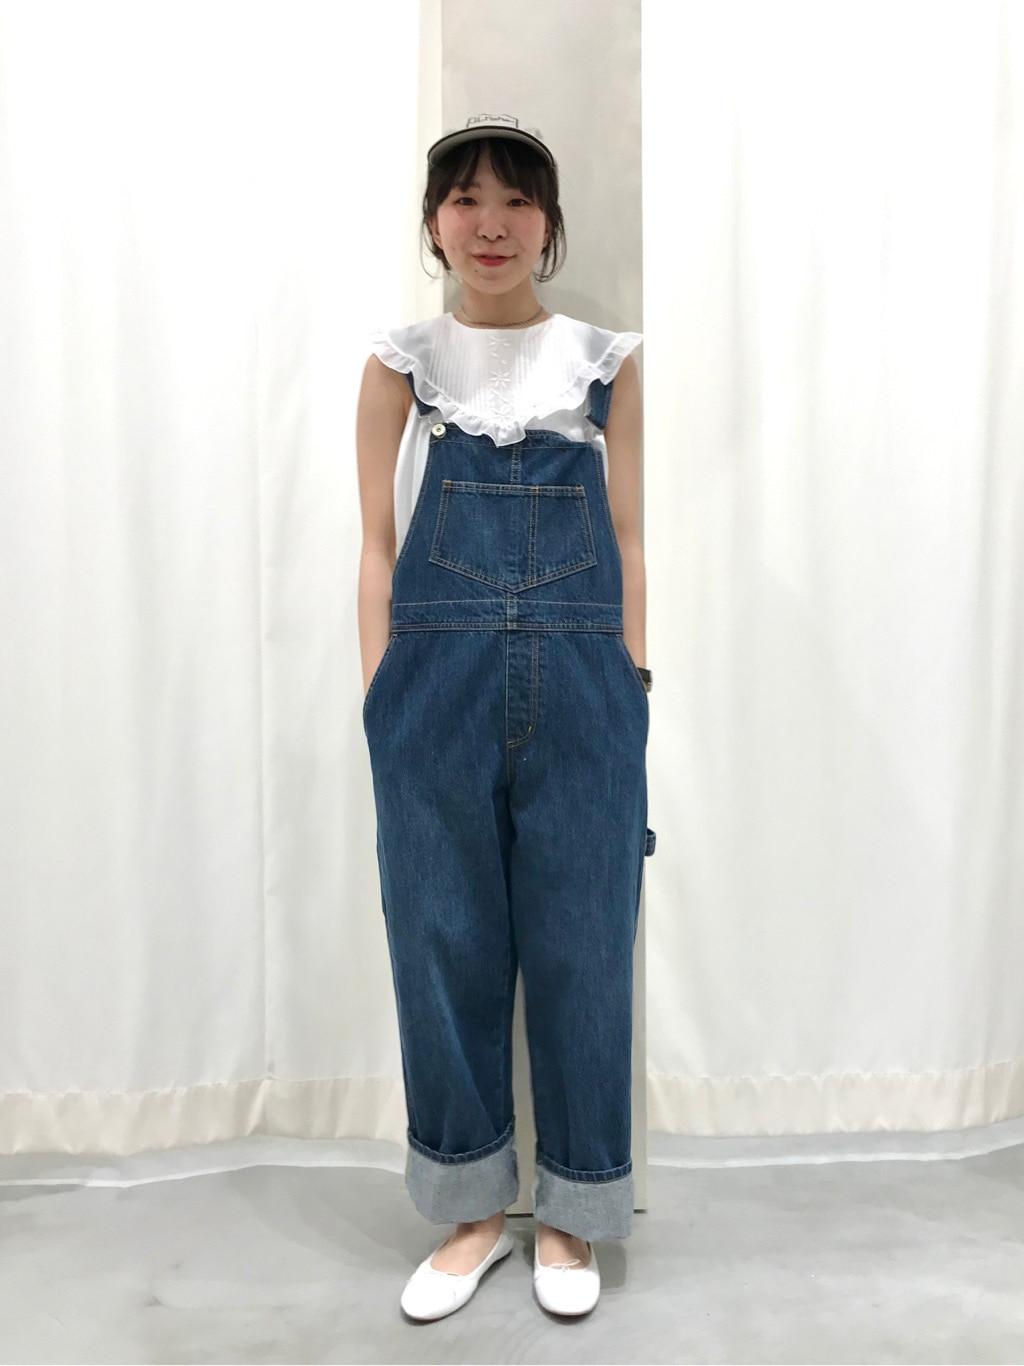 AMB SHOP PAR ICI CHILD WOMAN,PAR ICI ルミネ横浜 身長:154cm 2020.06.11